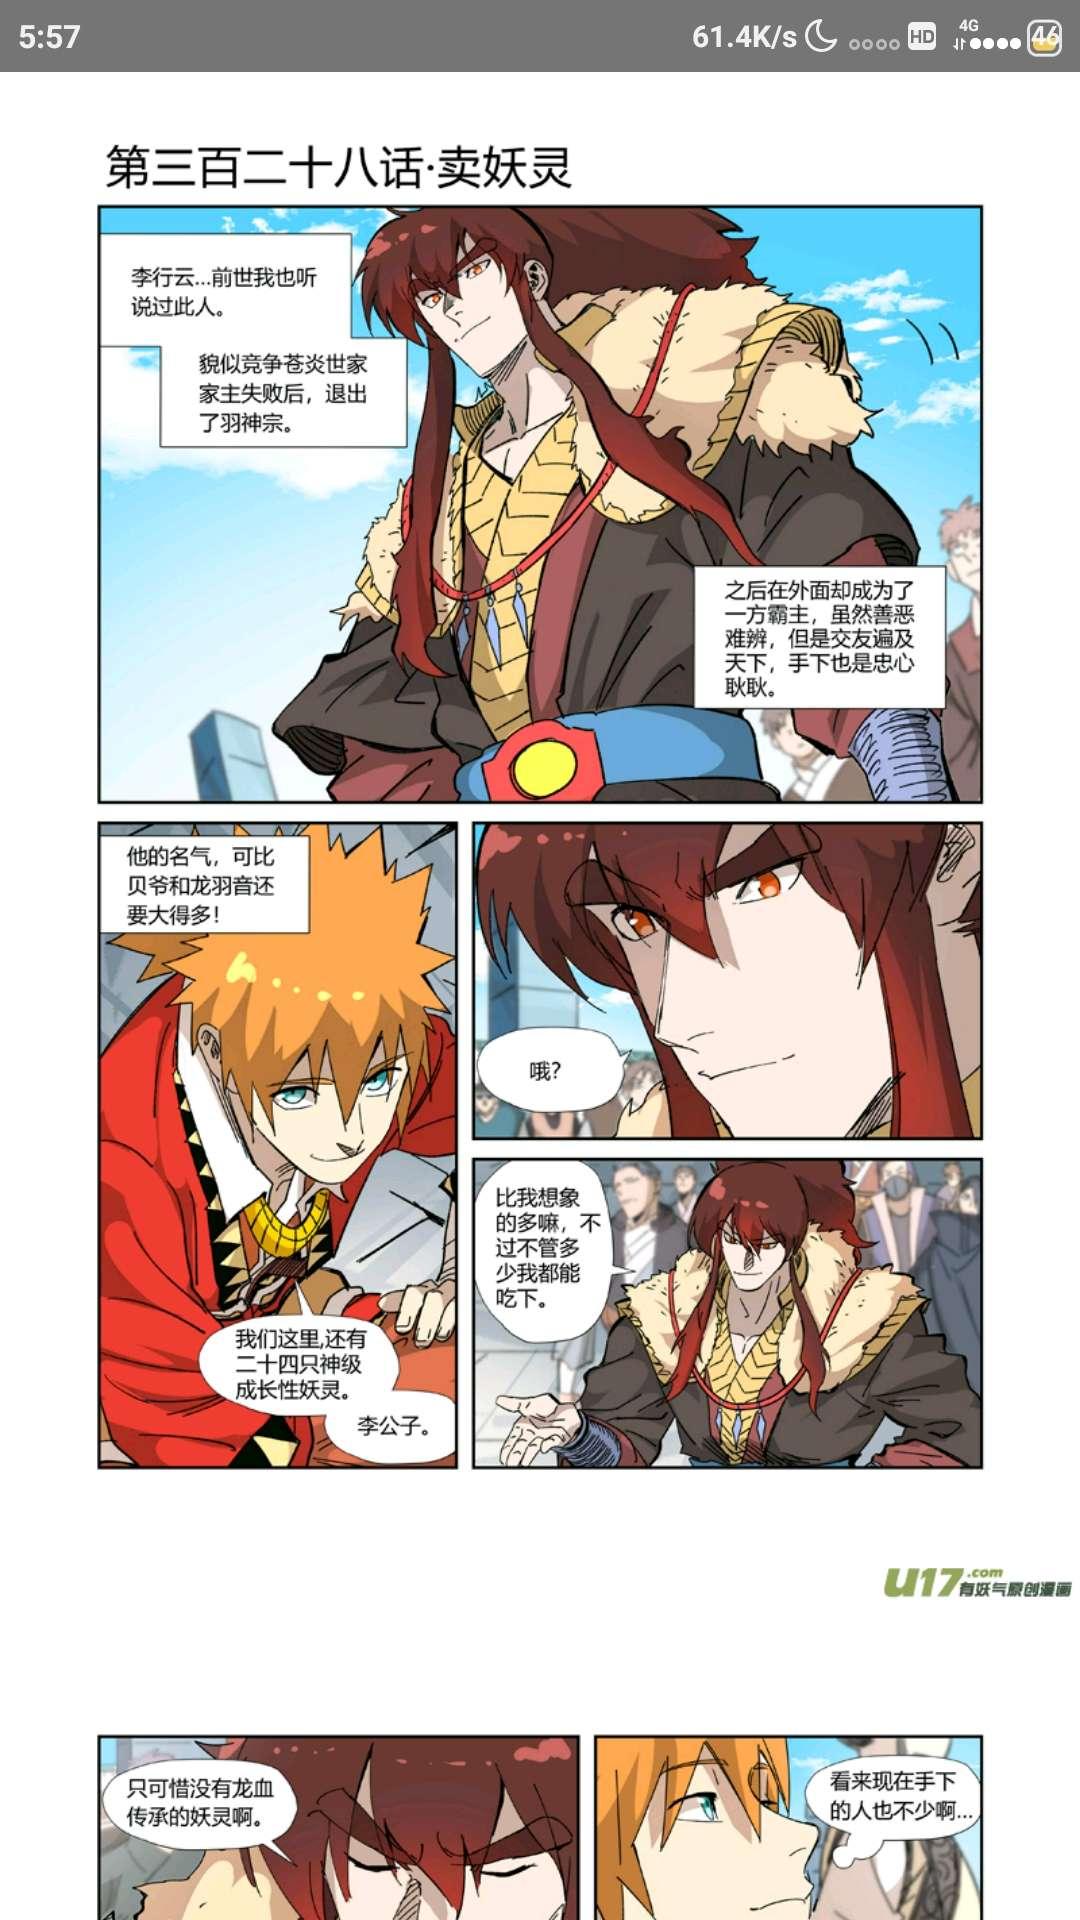 【漫画更新】妖神记  318卖妖灵(上)-小柚妹站